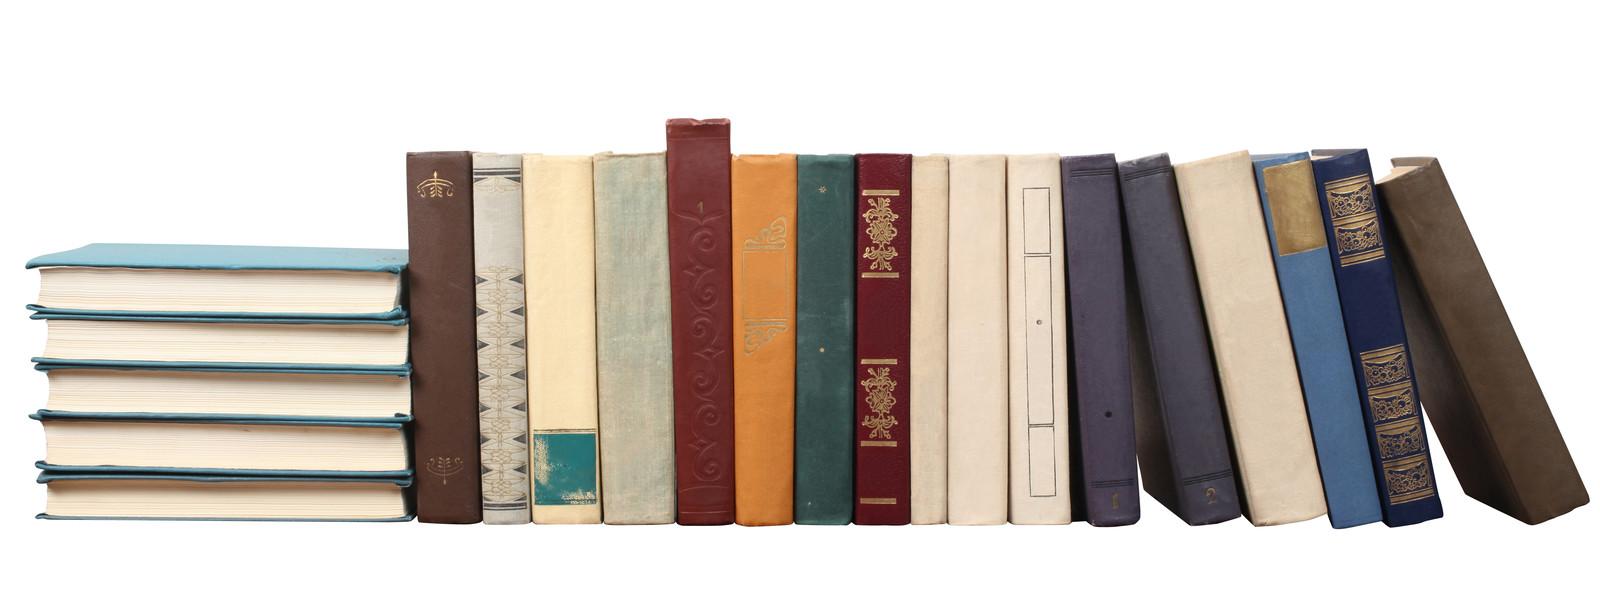 TheBorrowedBook.jpg